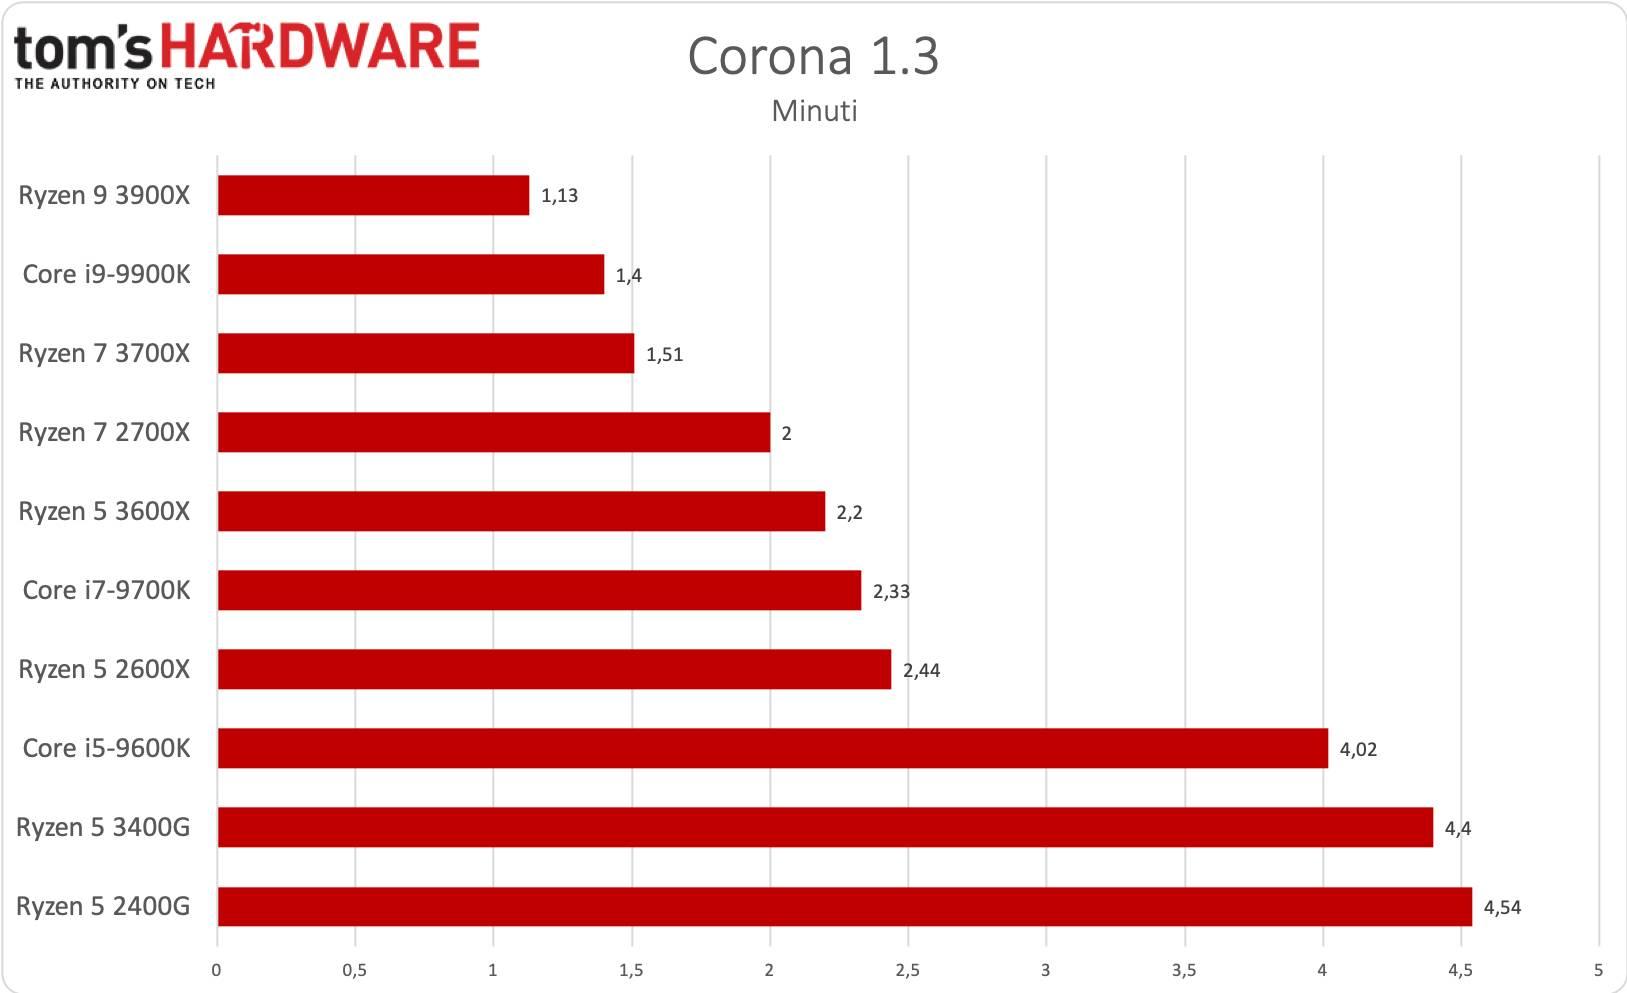 Ryzen 5 3400G - Corona